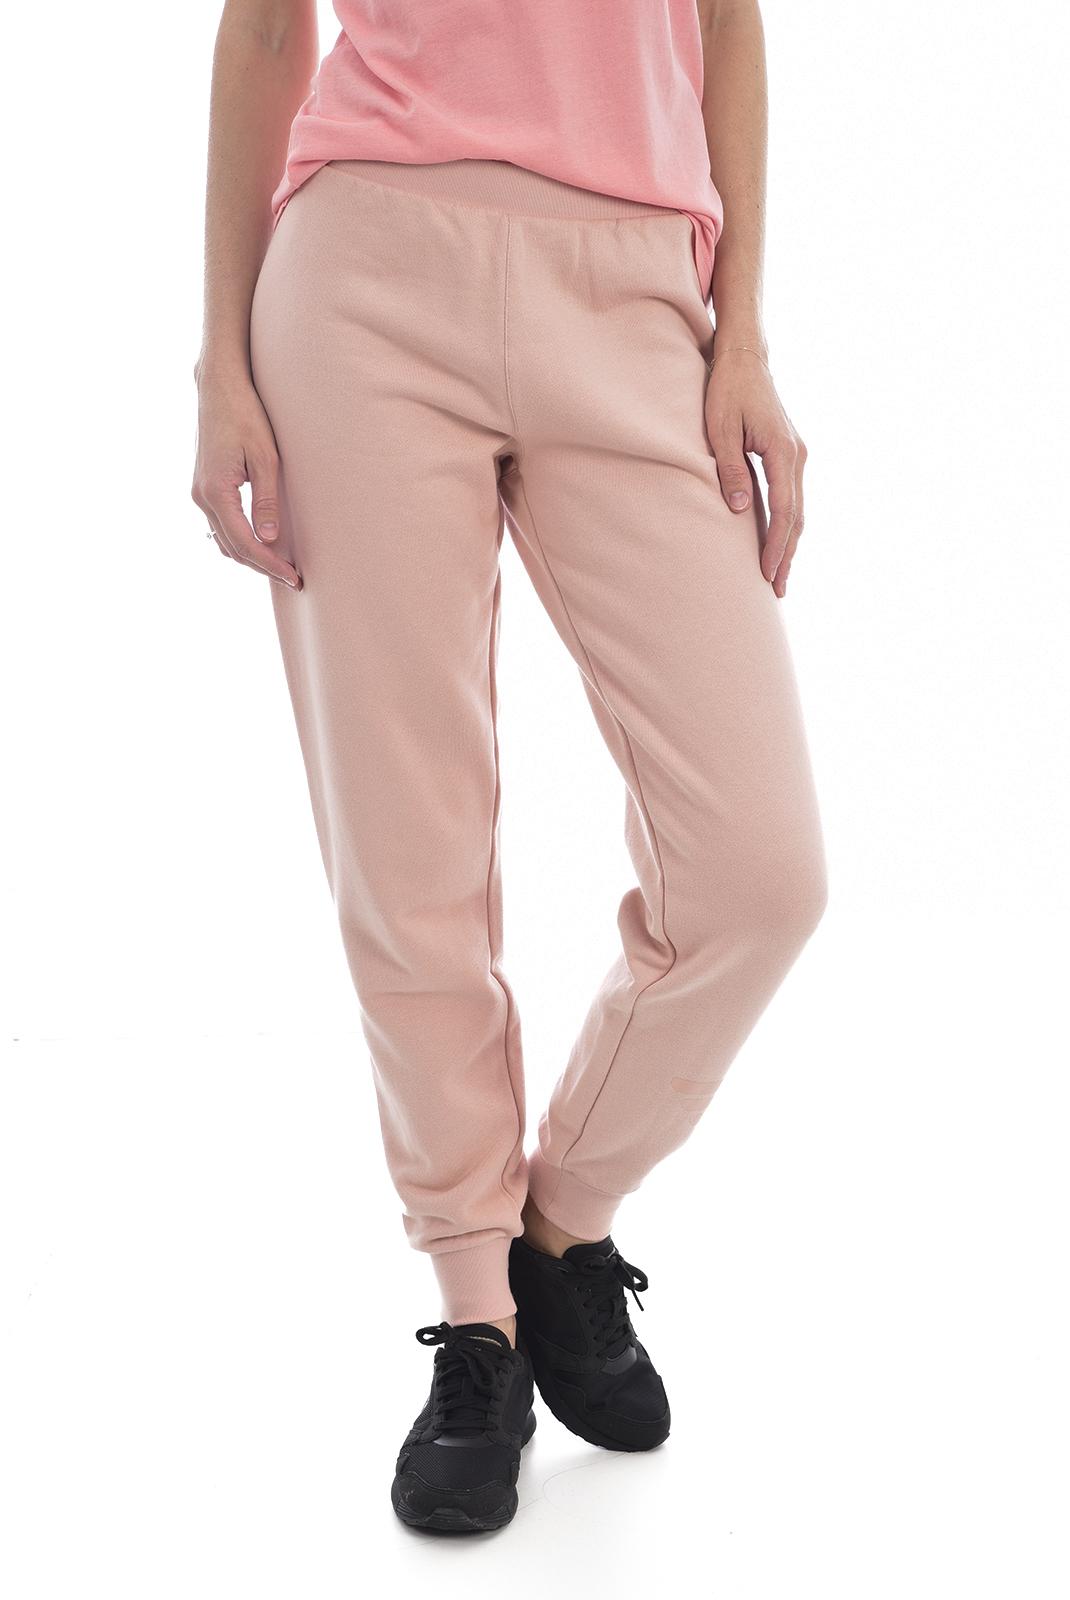 Pantalons  Emporio armani 163774 9A265 13270